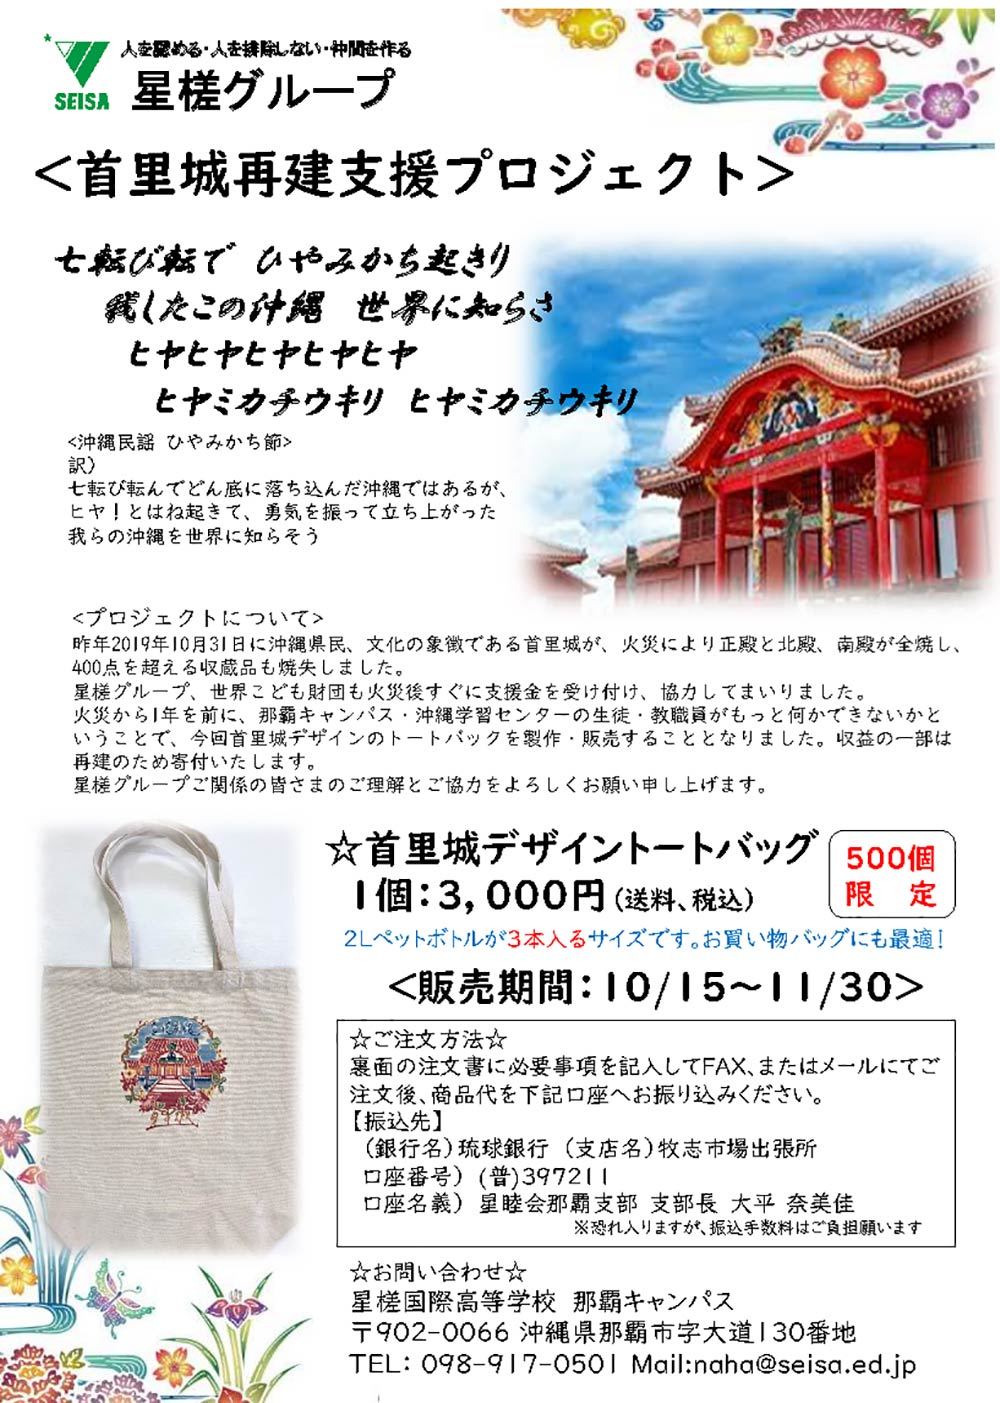 【首里城再建応援プロジェクト】生徒制作、首里城デザイントートバッグ販売中!